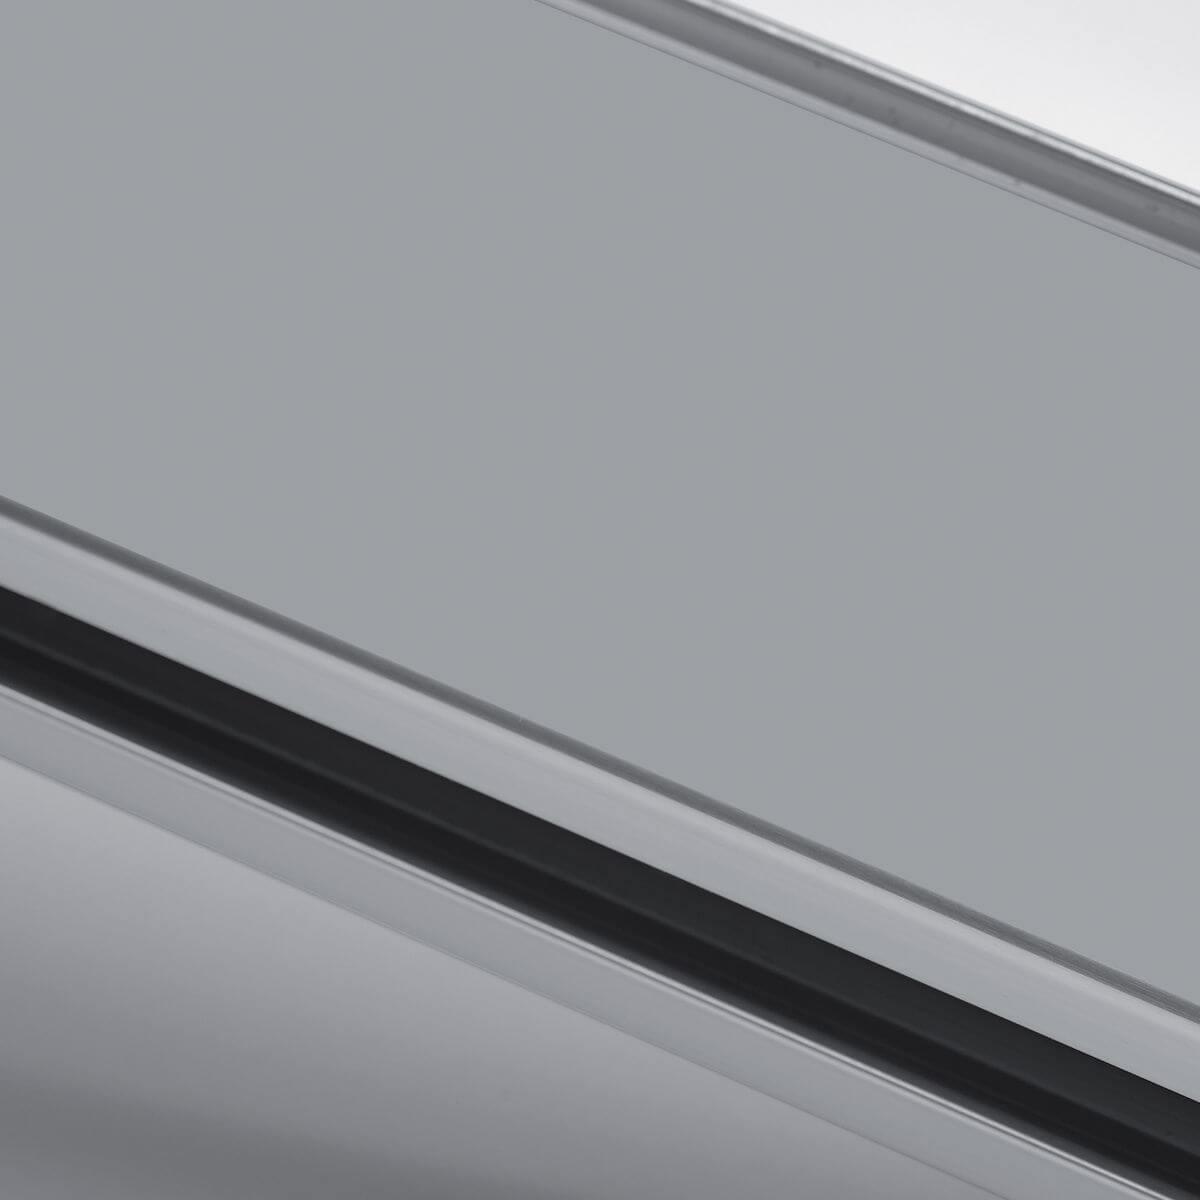 Finitura alluminio grigio ral 9006 per parete in vetro